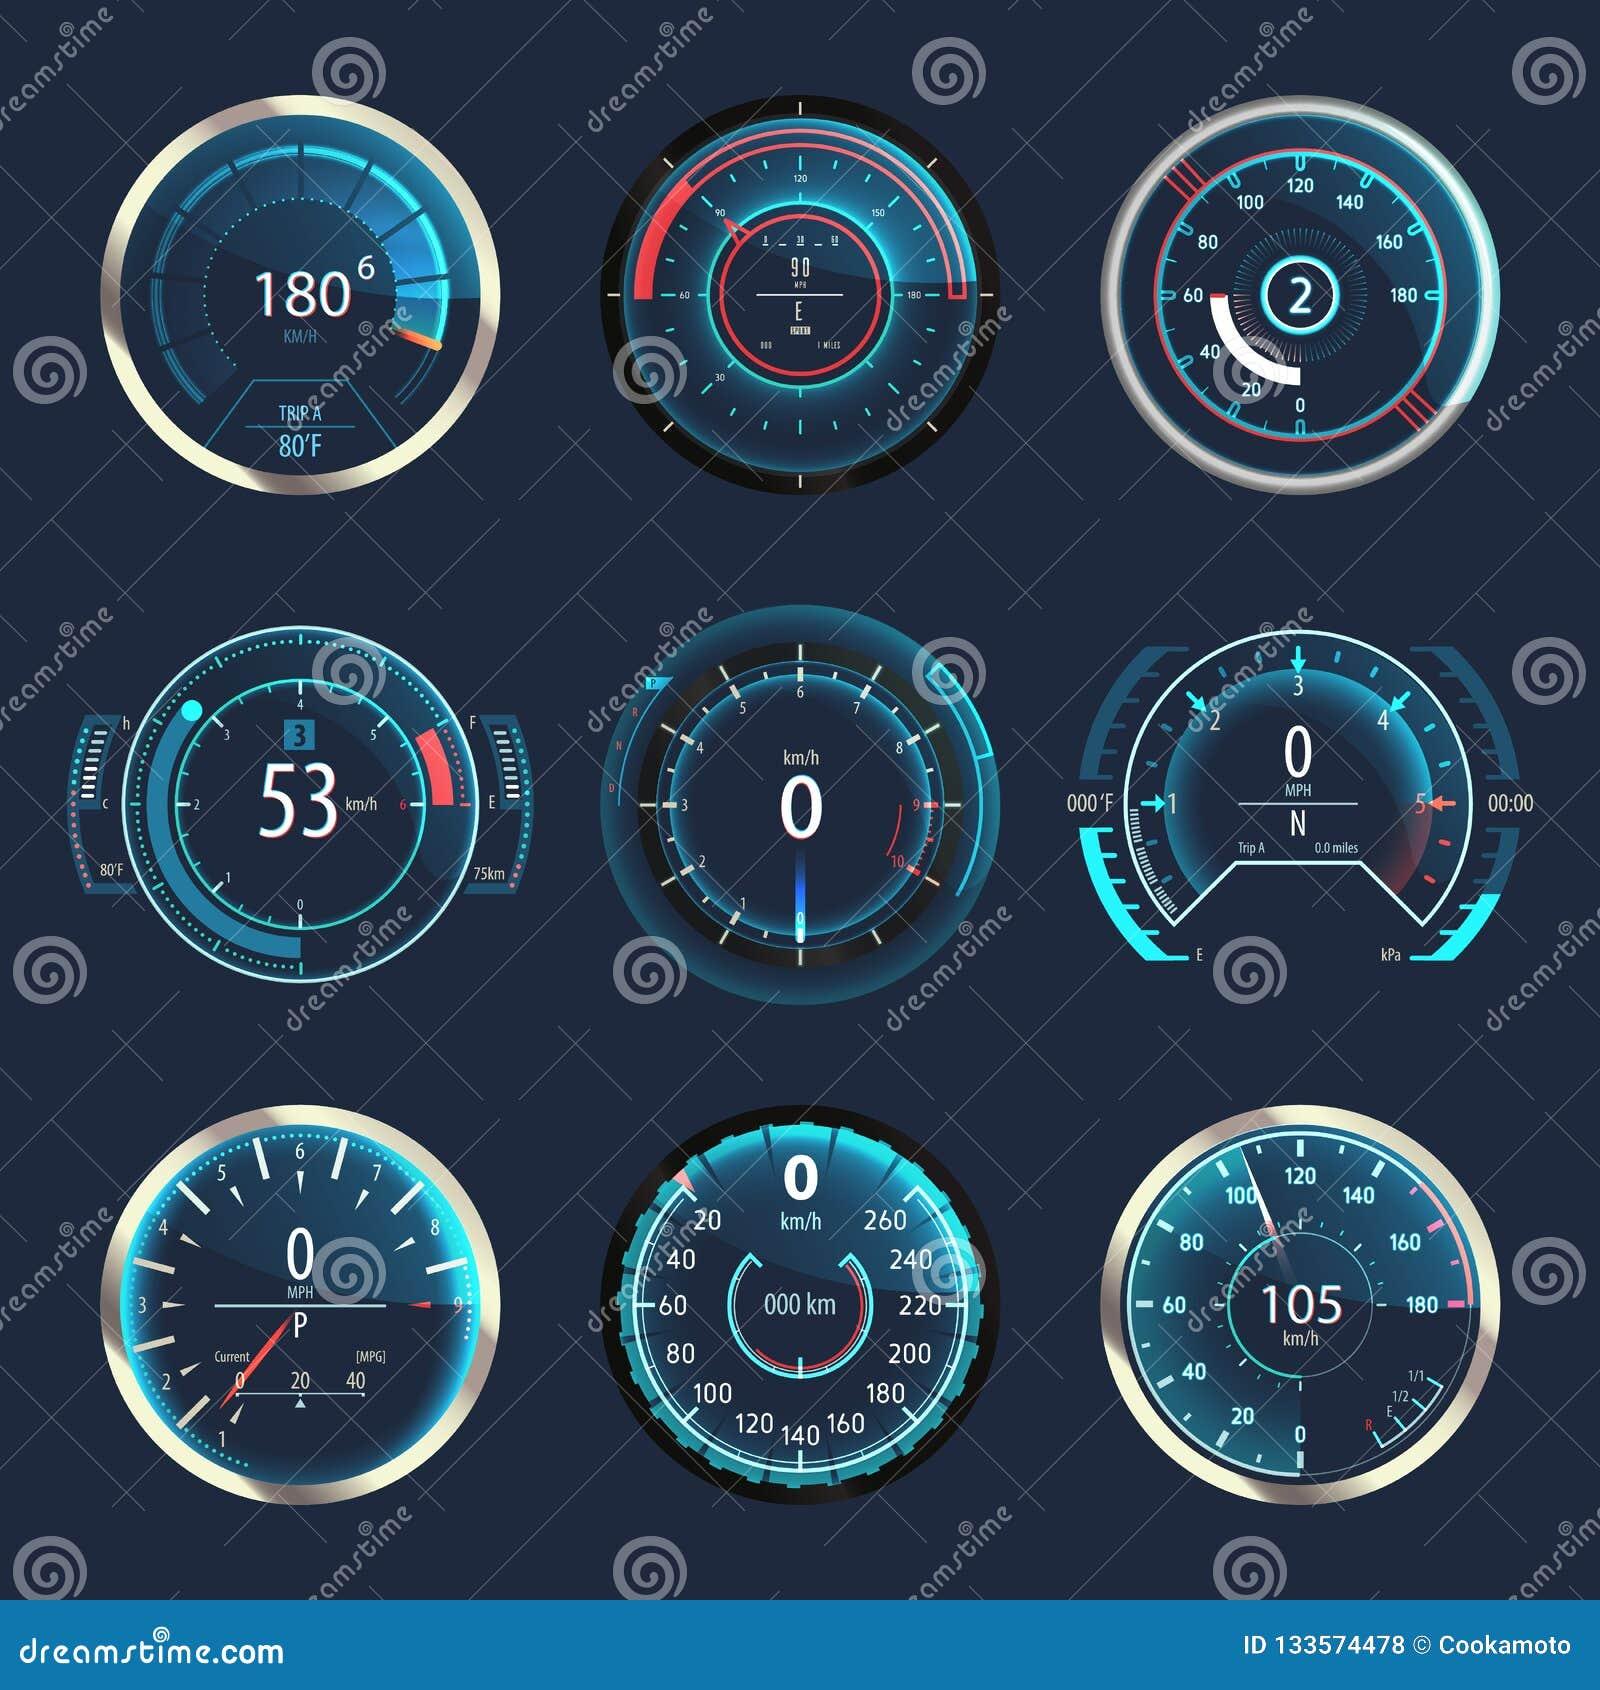 Αυτοκίνητο ή αυτοκινητικό ταχύμετρο ή οδόμετρο